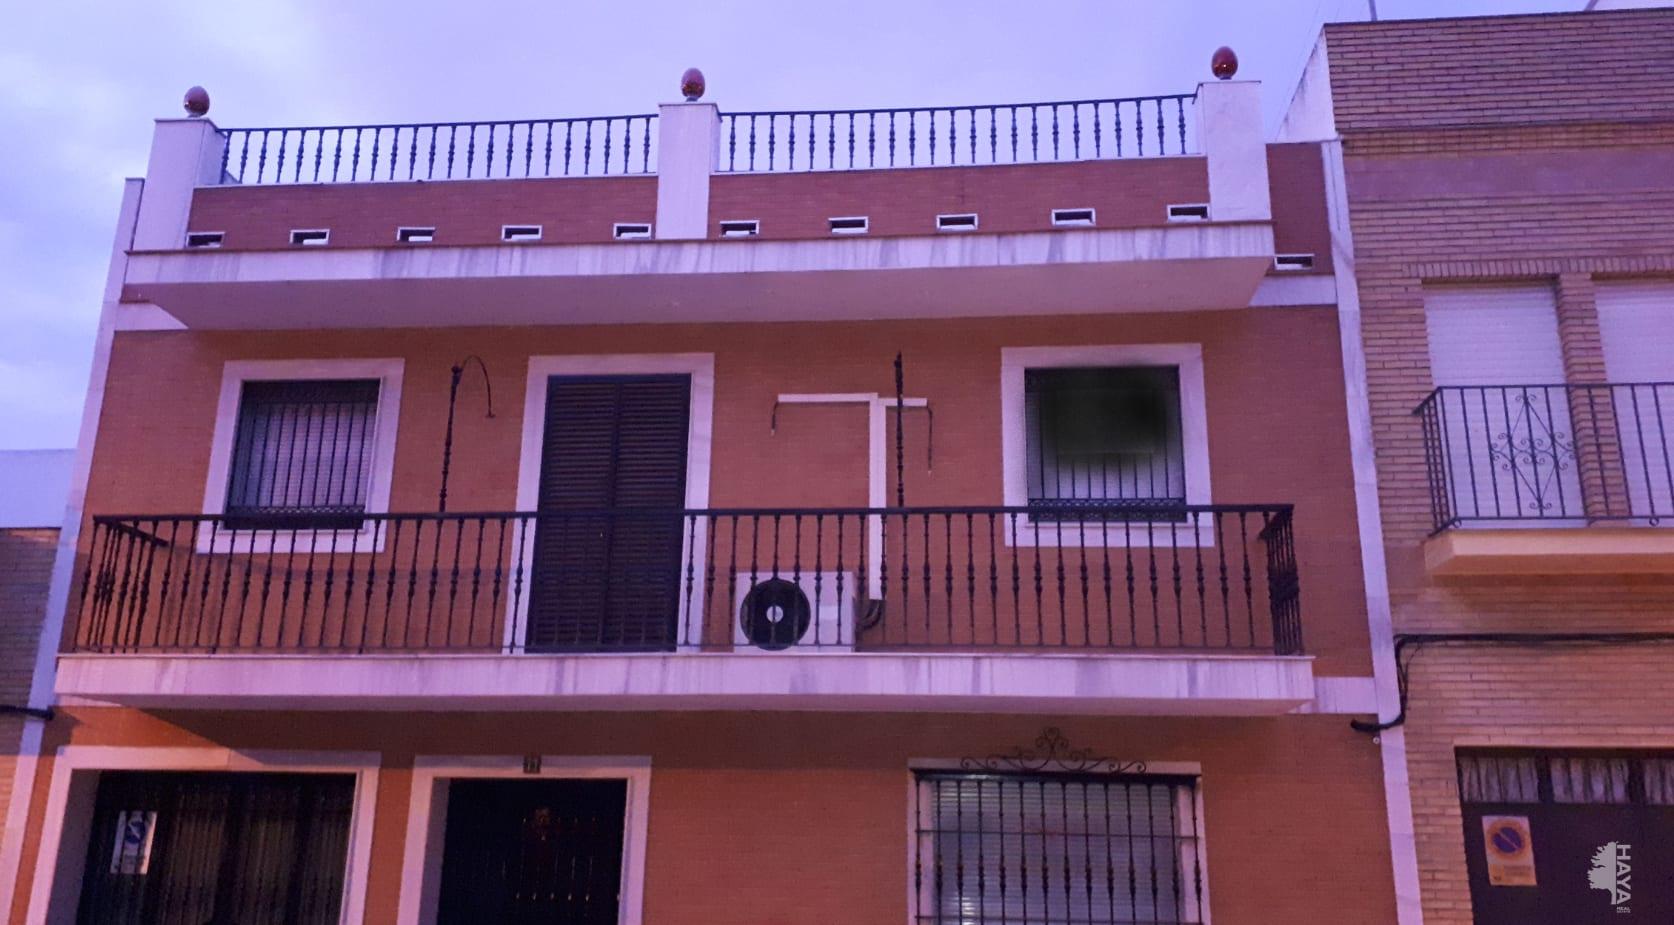 Pisos Y Casas En La Rinconada Sevilla Pisos Y Casas De Bancos Al Mejor Precio